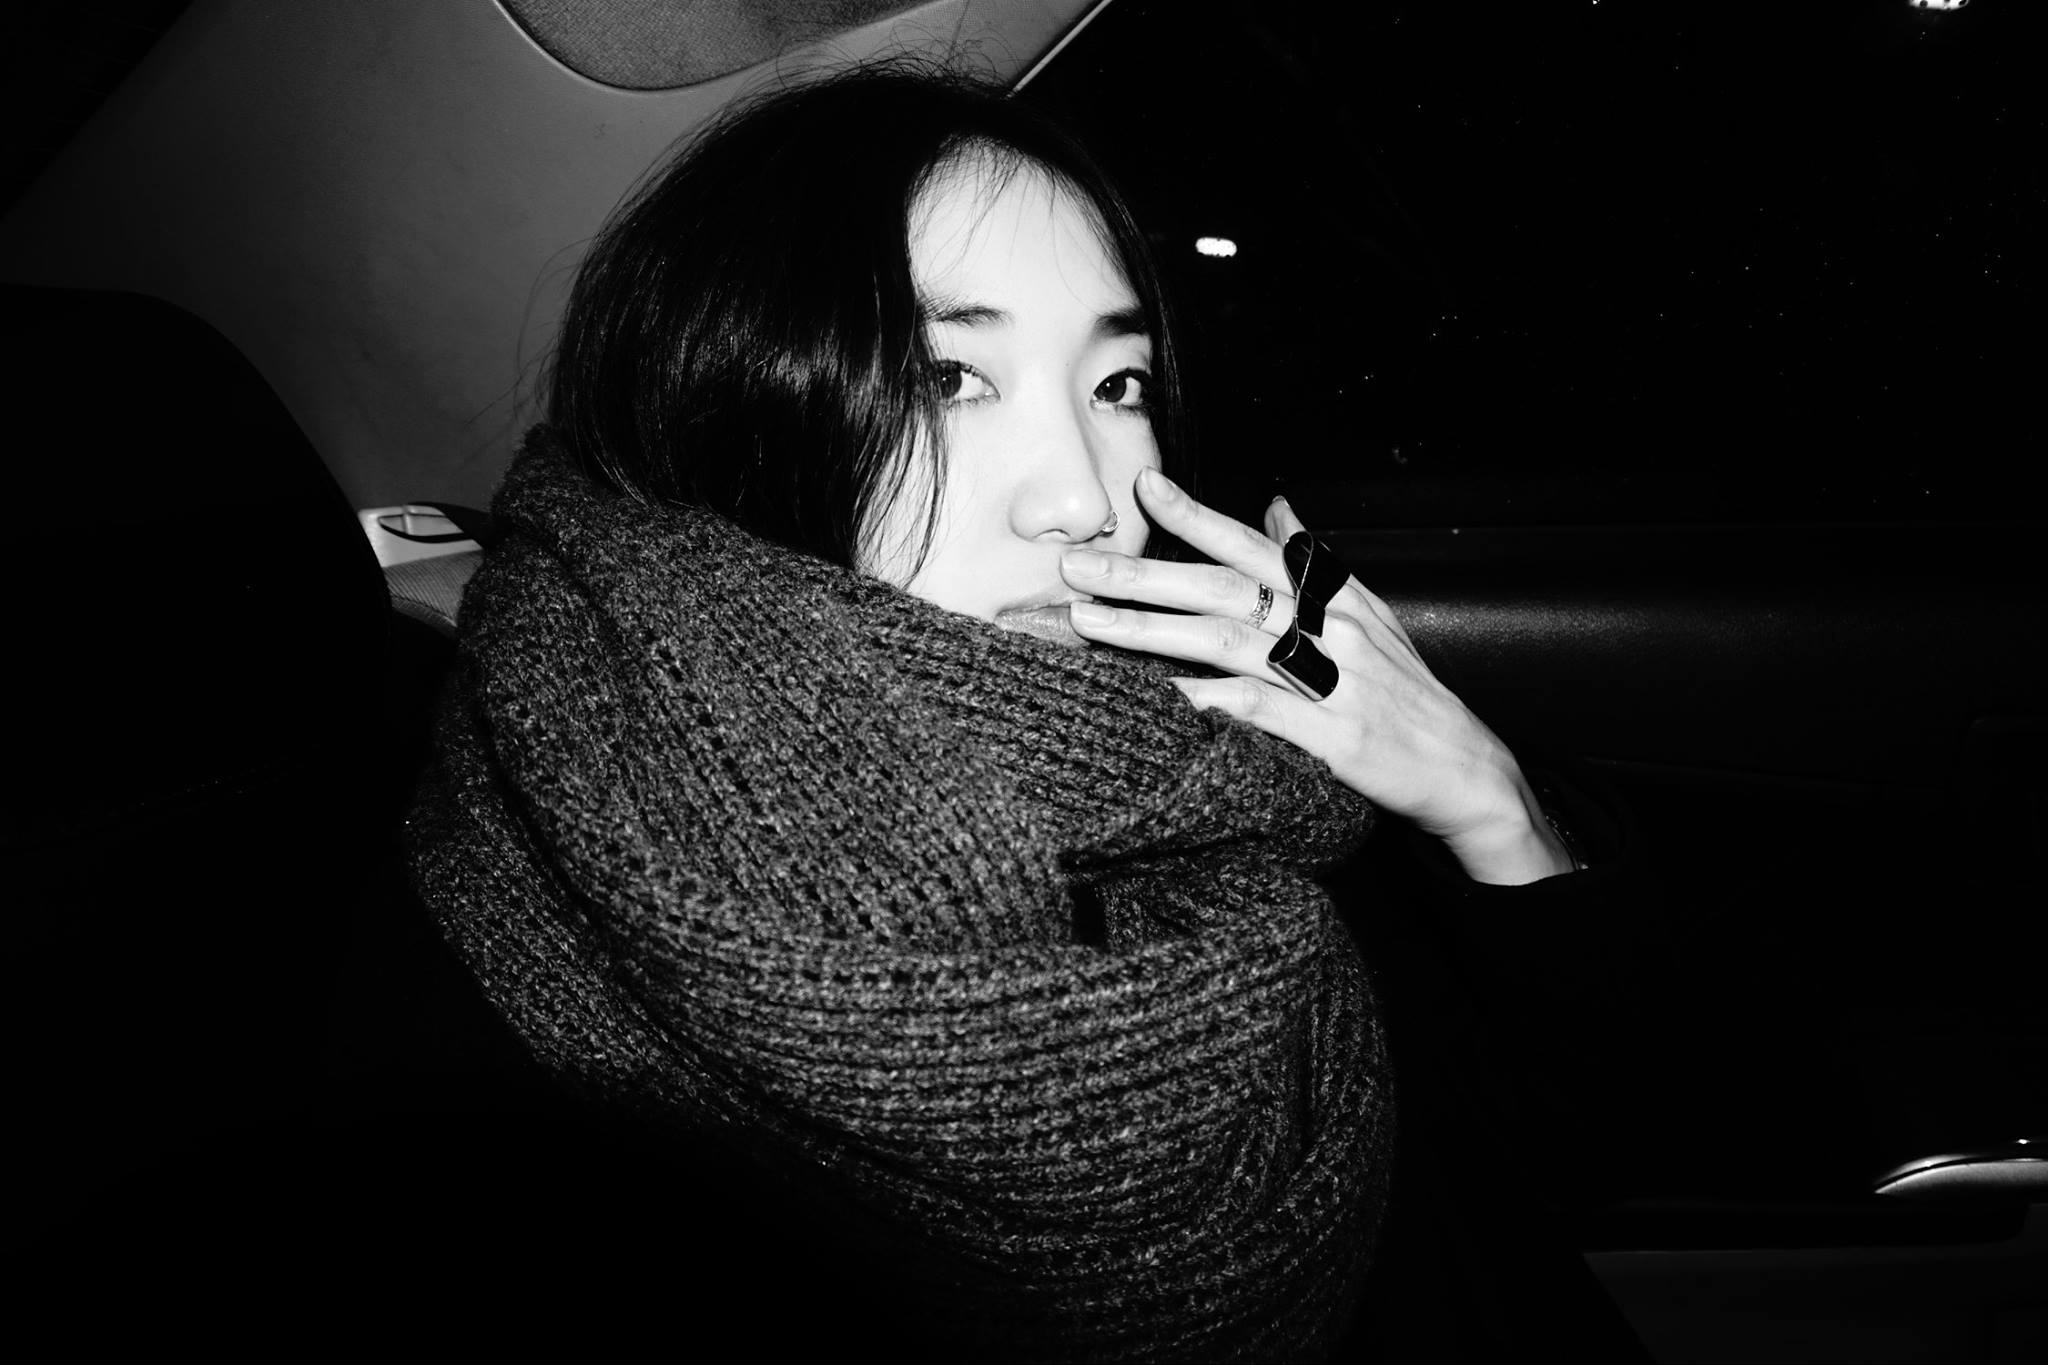 Naoko Hara